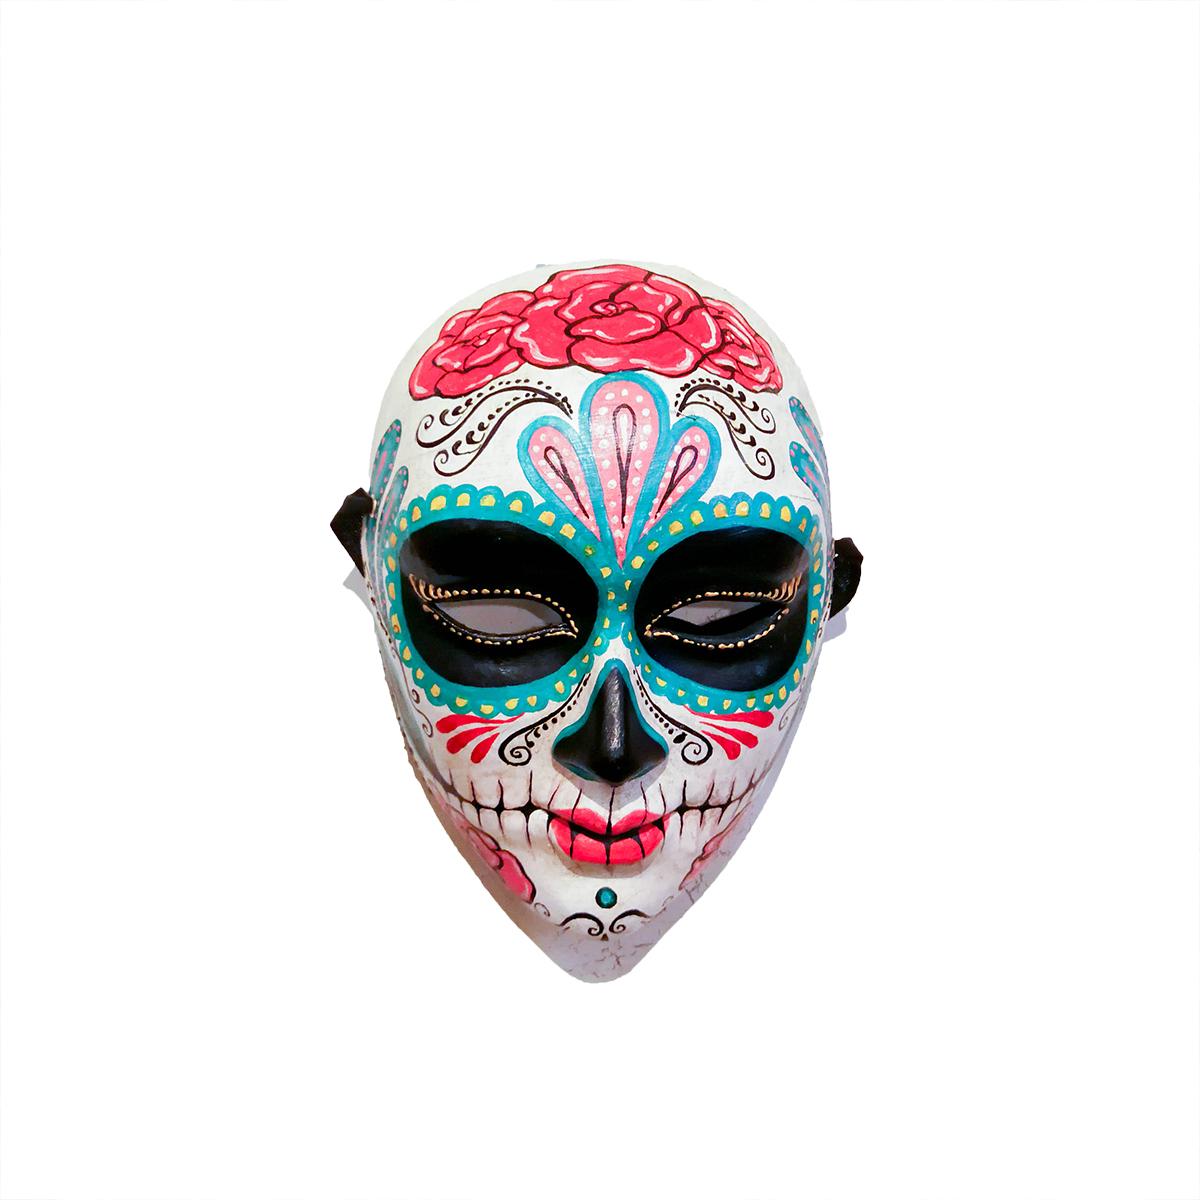 calavera catrina mask